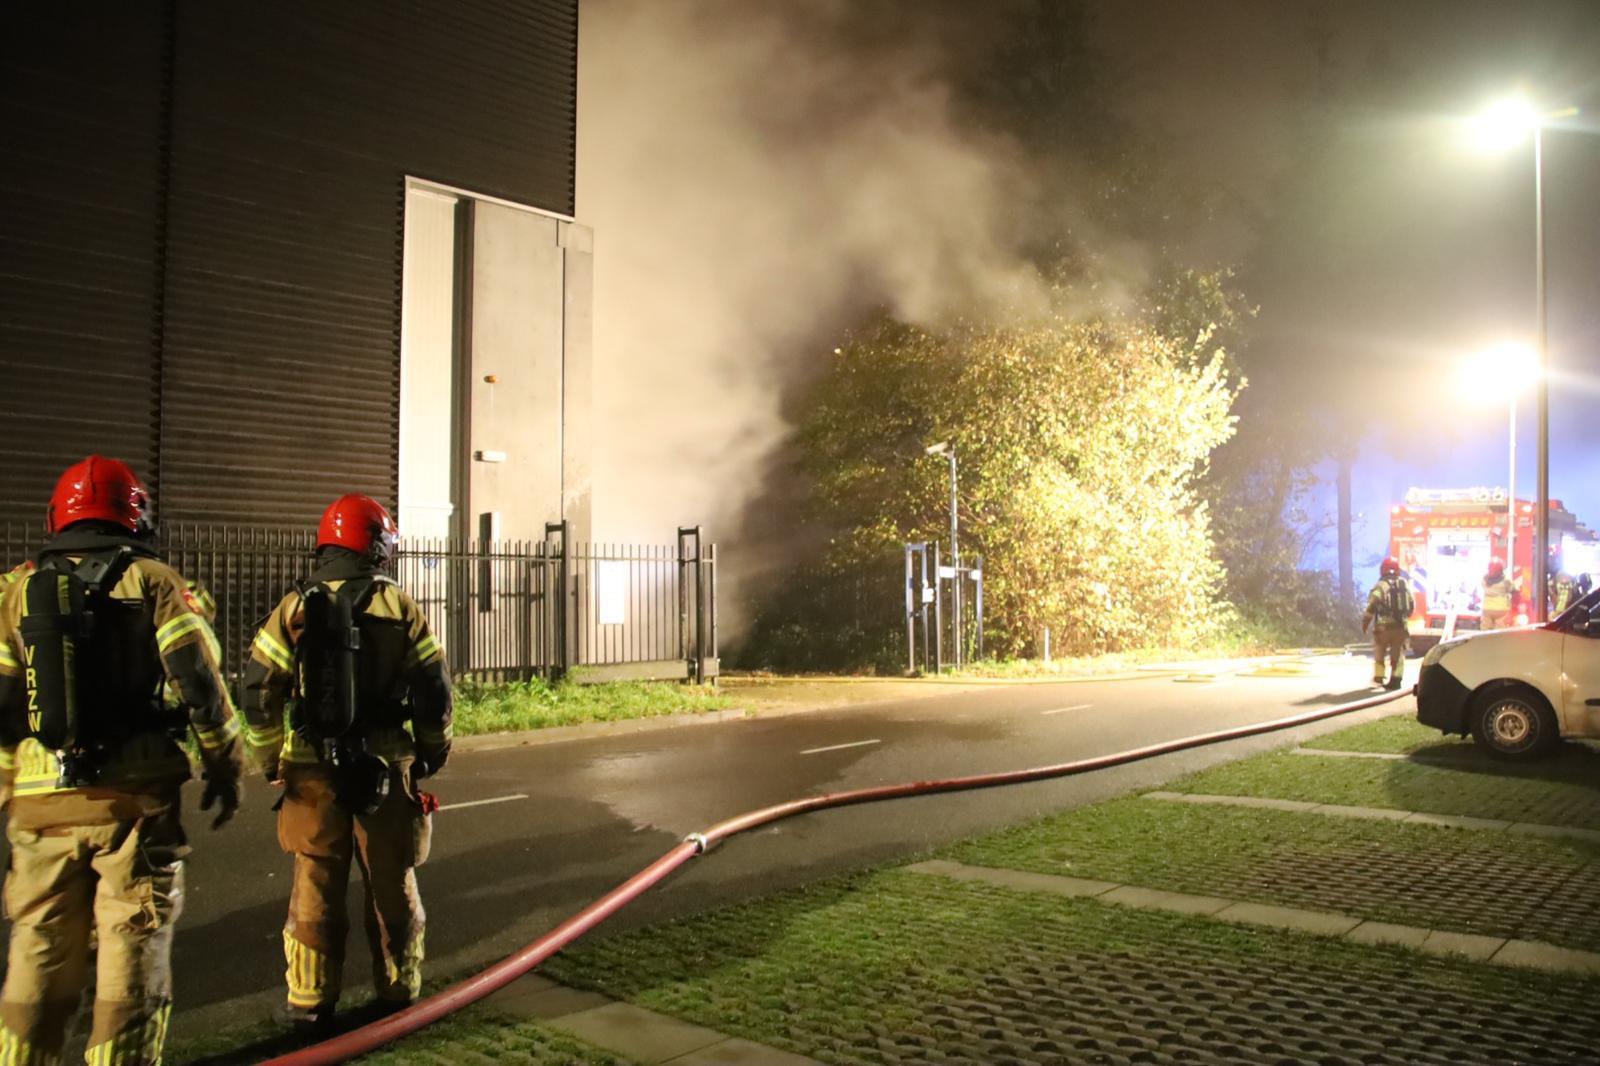 Stroomuitval bij Stadsverwarming Purmerend door brand in elektrahuisje